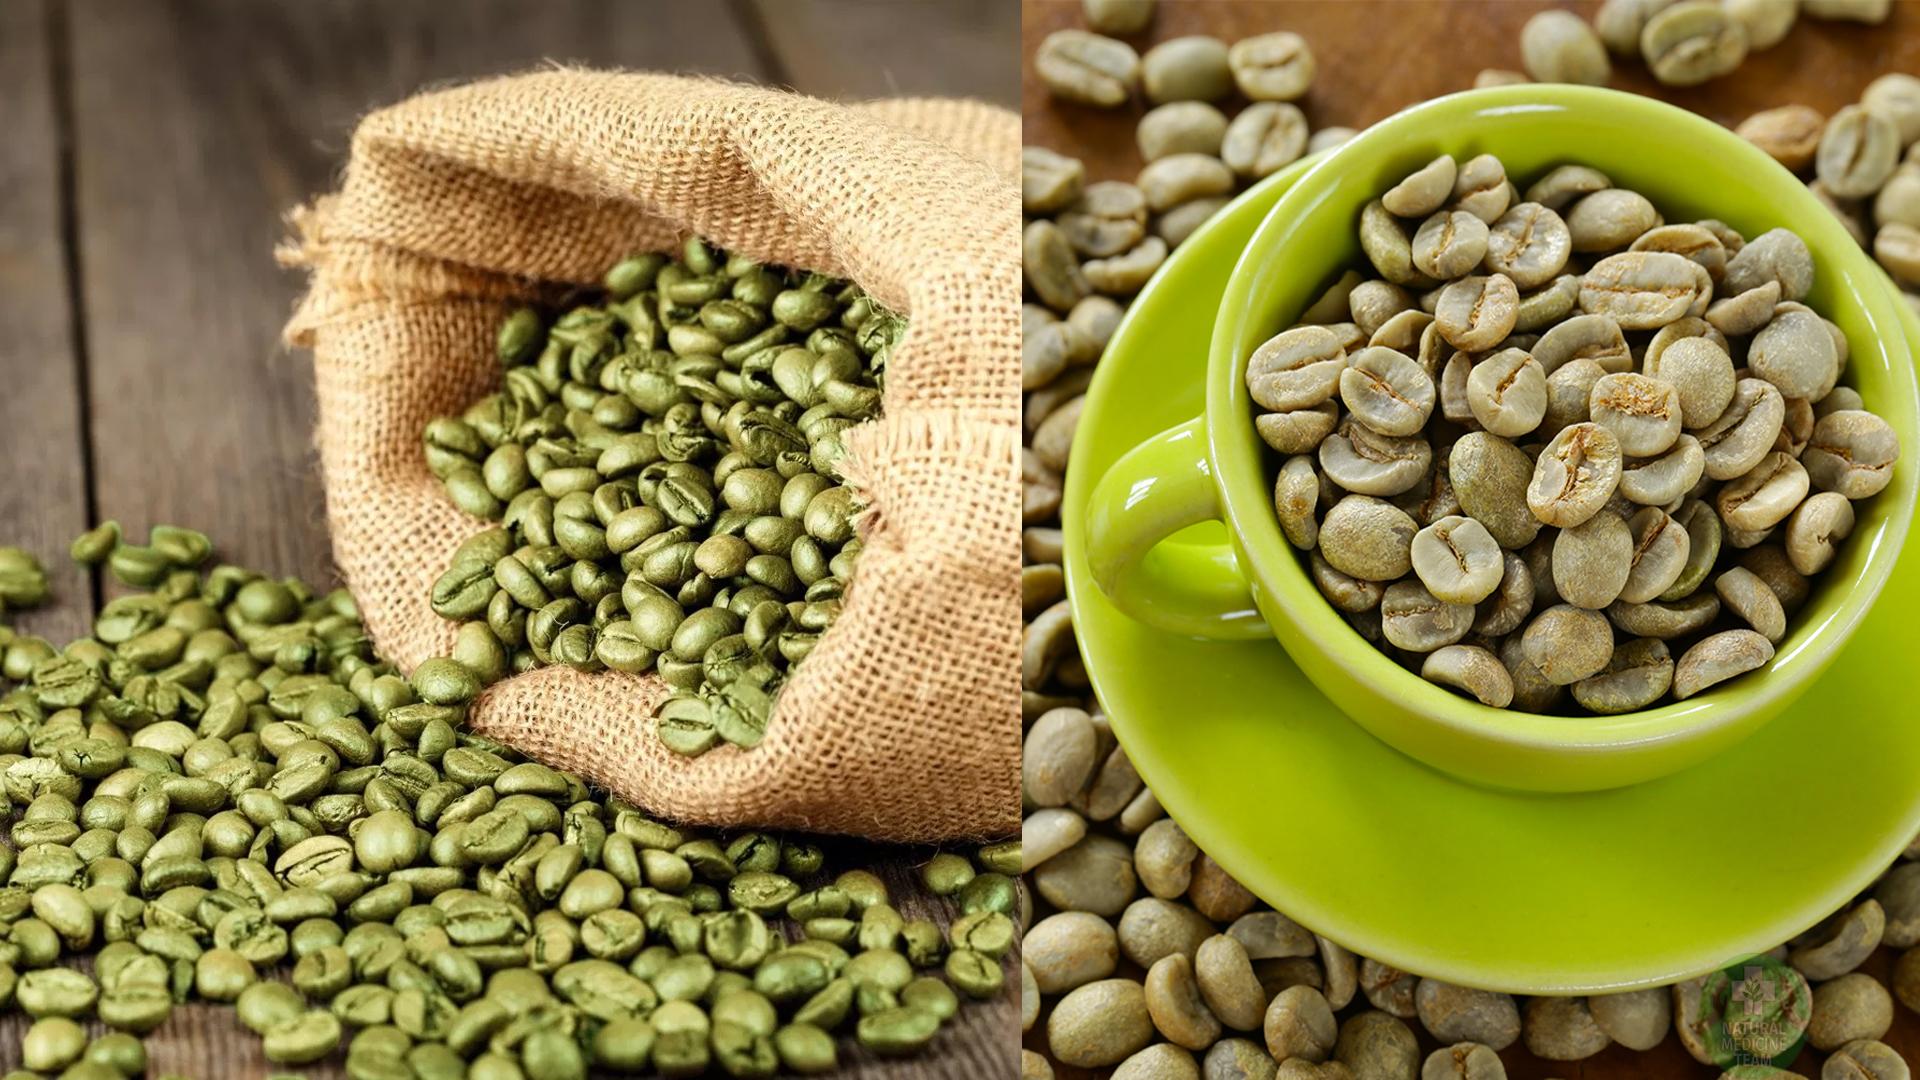 Кто Не Похудел От Зеленого Кофе. Зелёный кофе: польза и вред